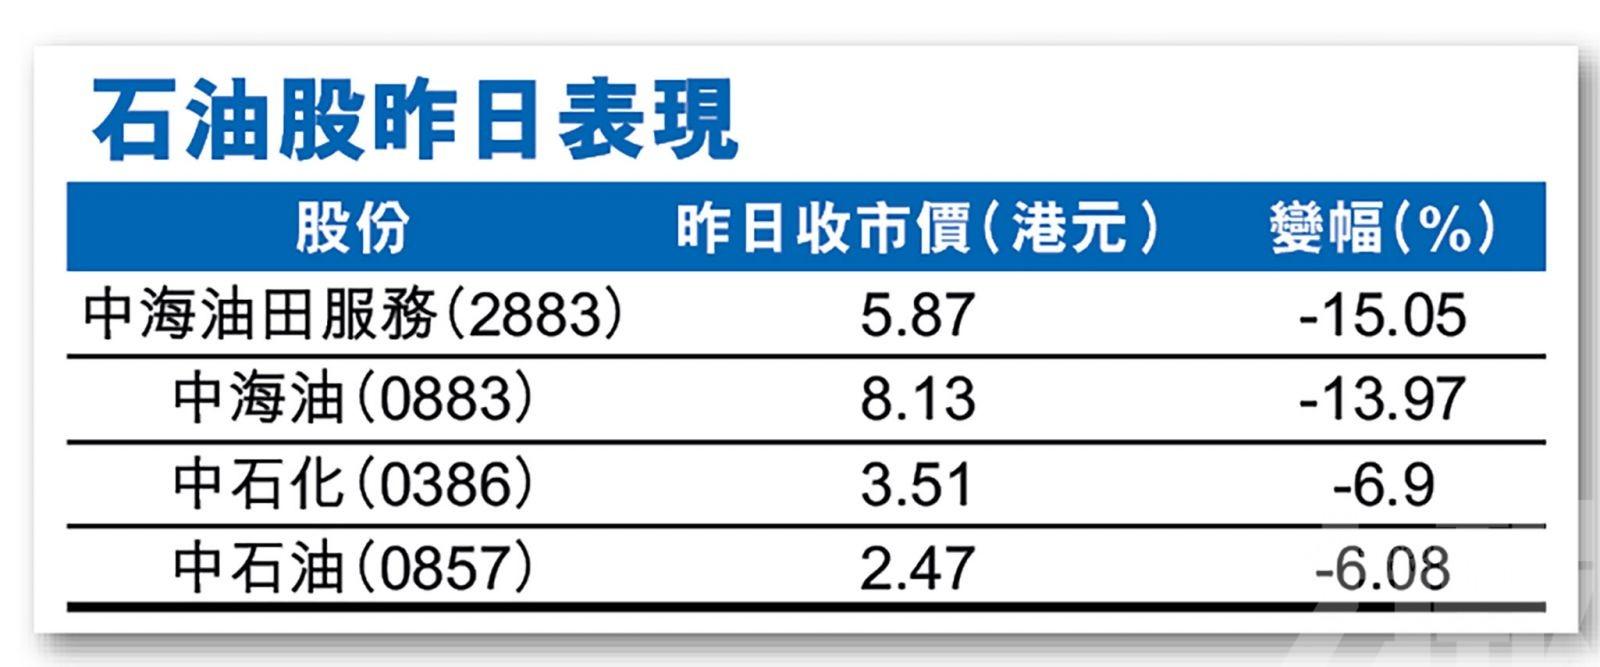 中海油大插近一成四 低油價下短期難翻身